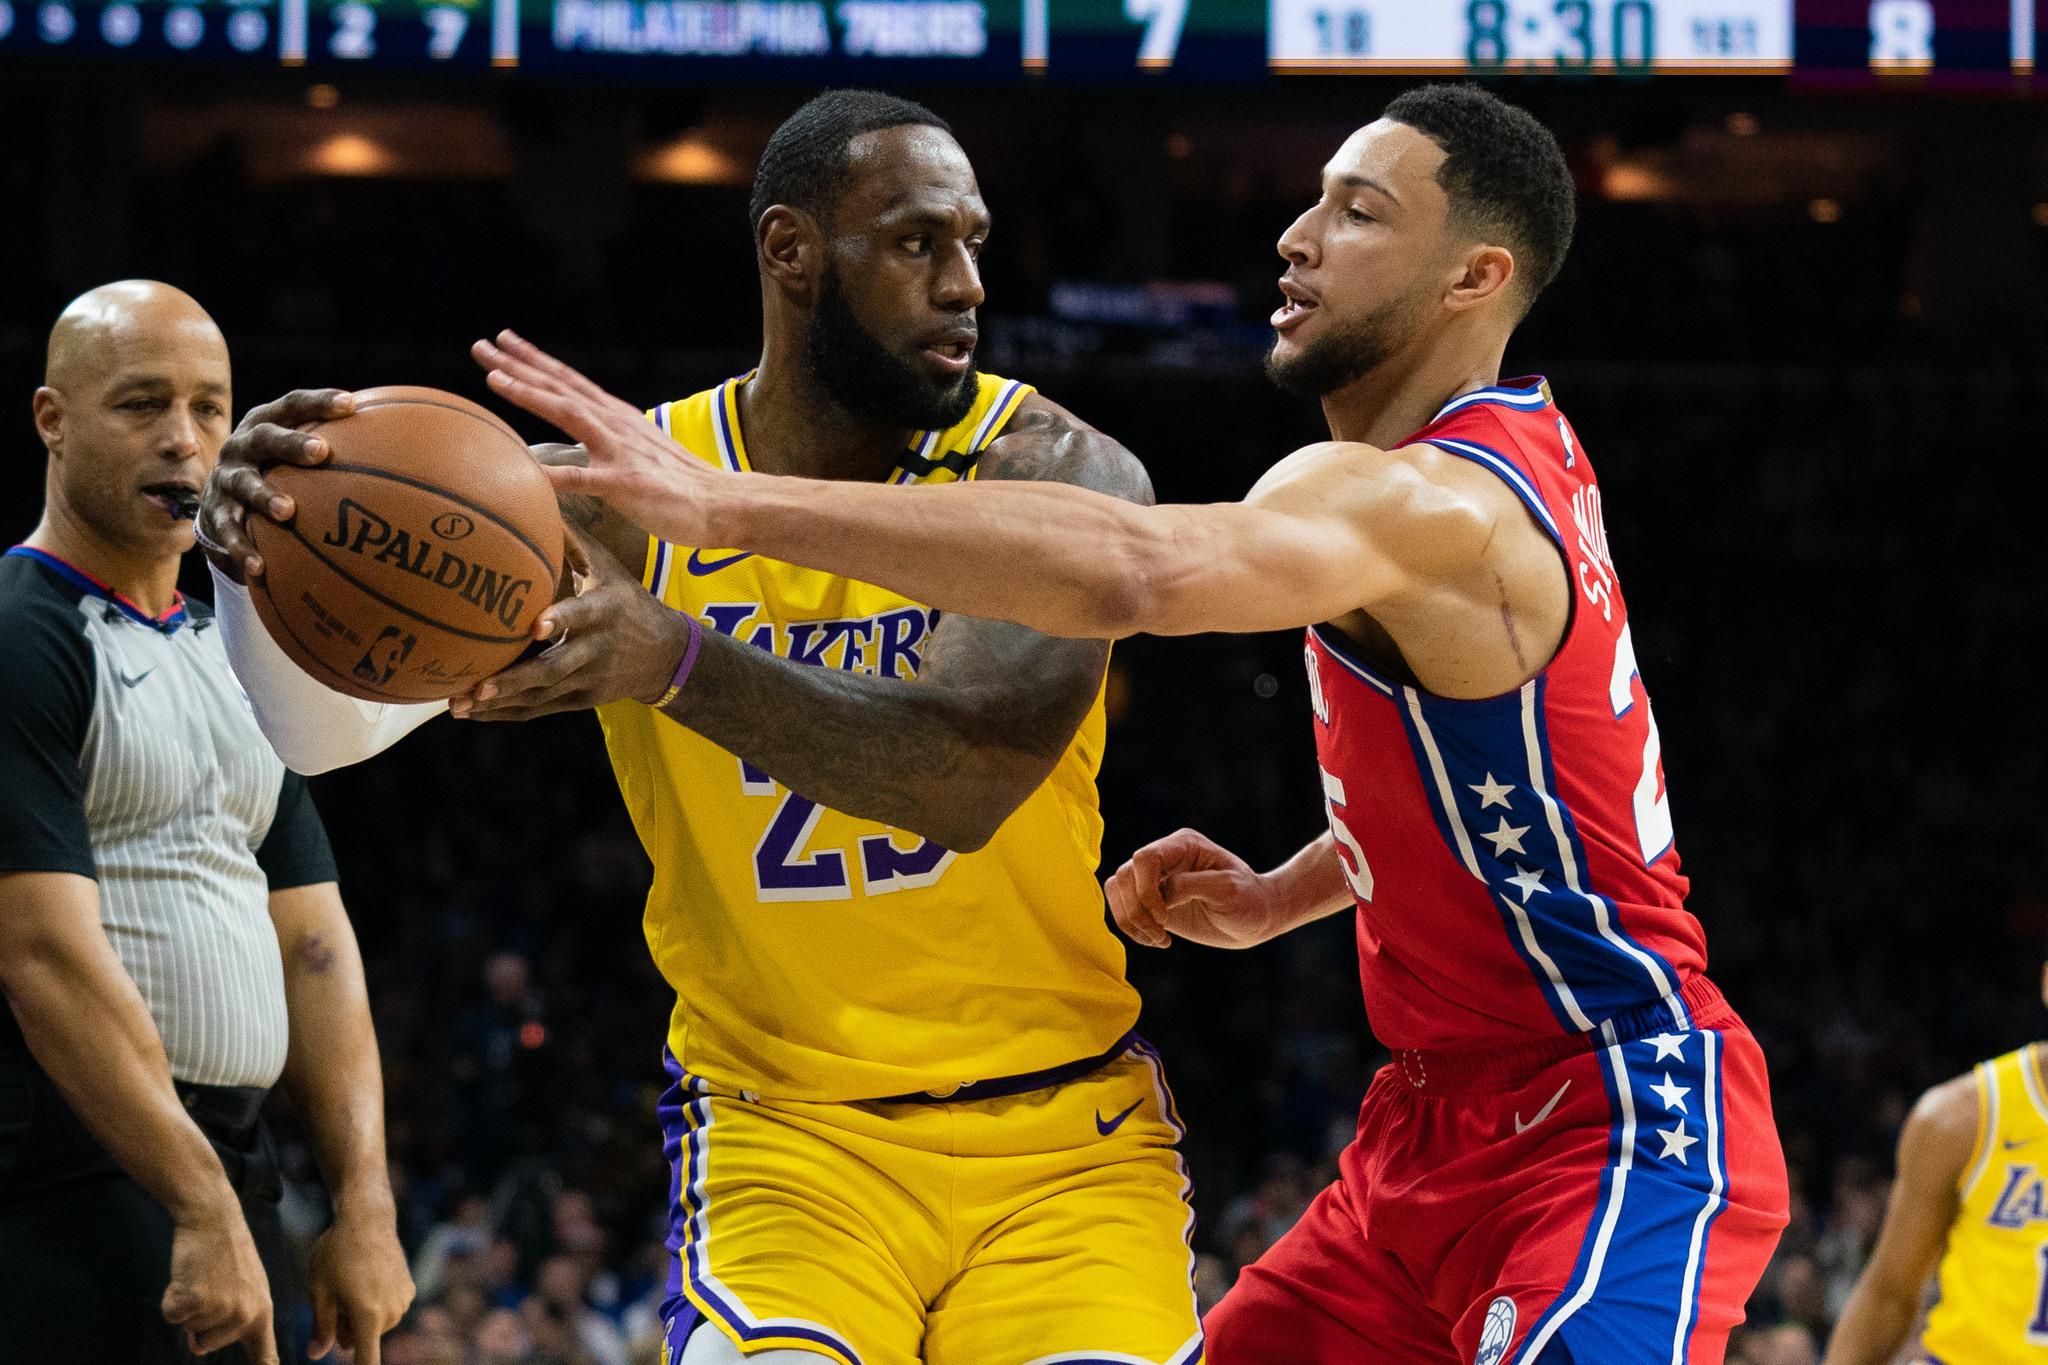 LeBron James supera a Kobe Bryant como tercer máximo anotador